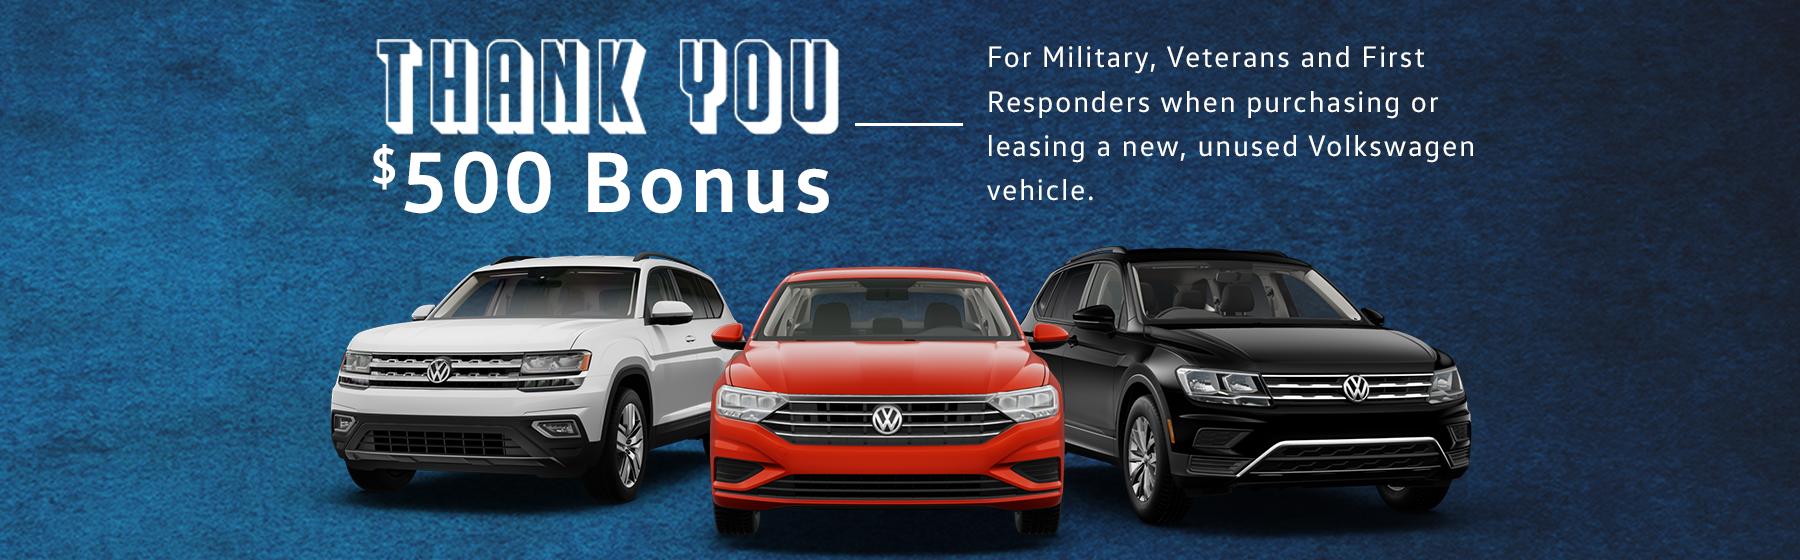 First Responders Volkswagen Bonus